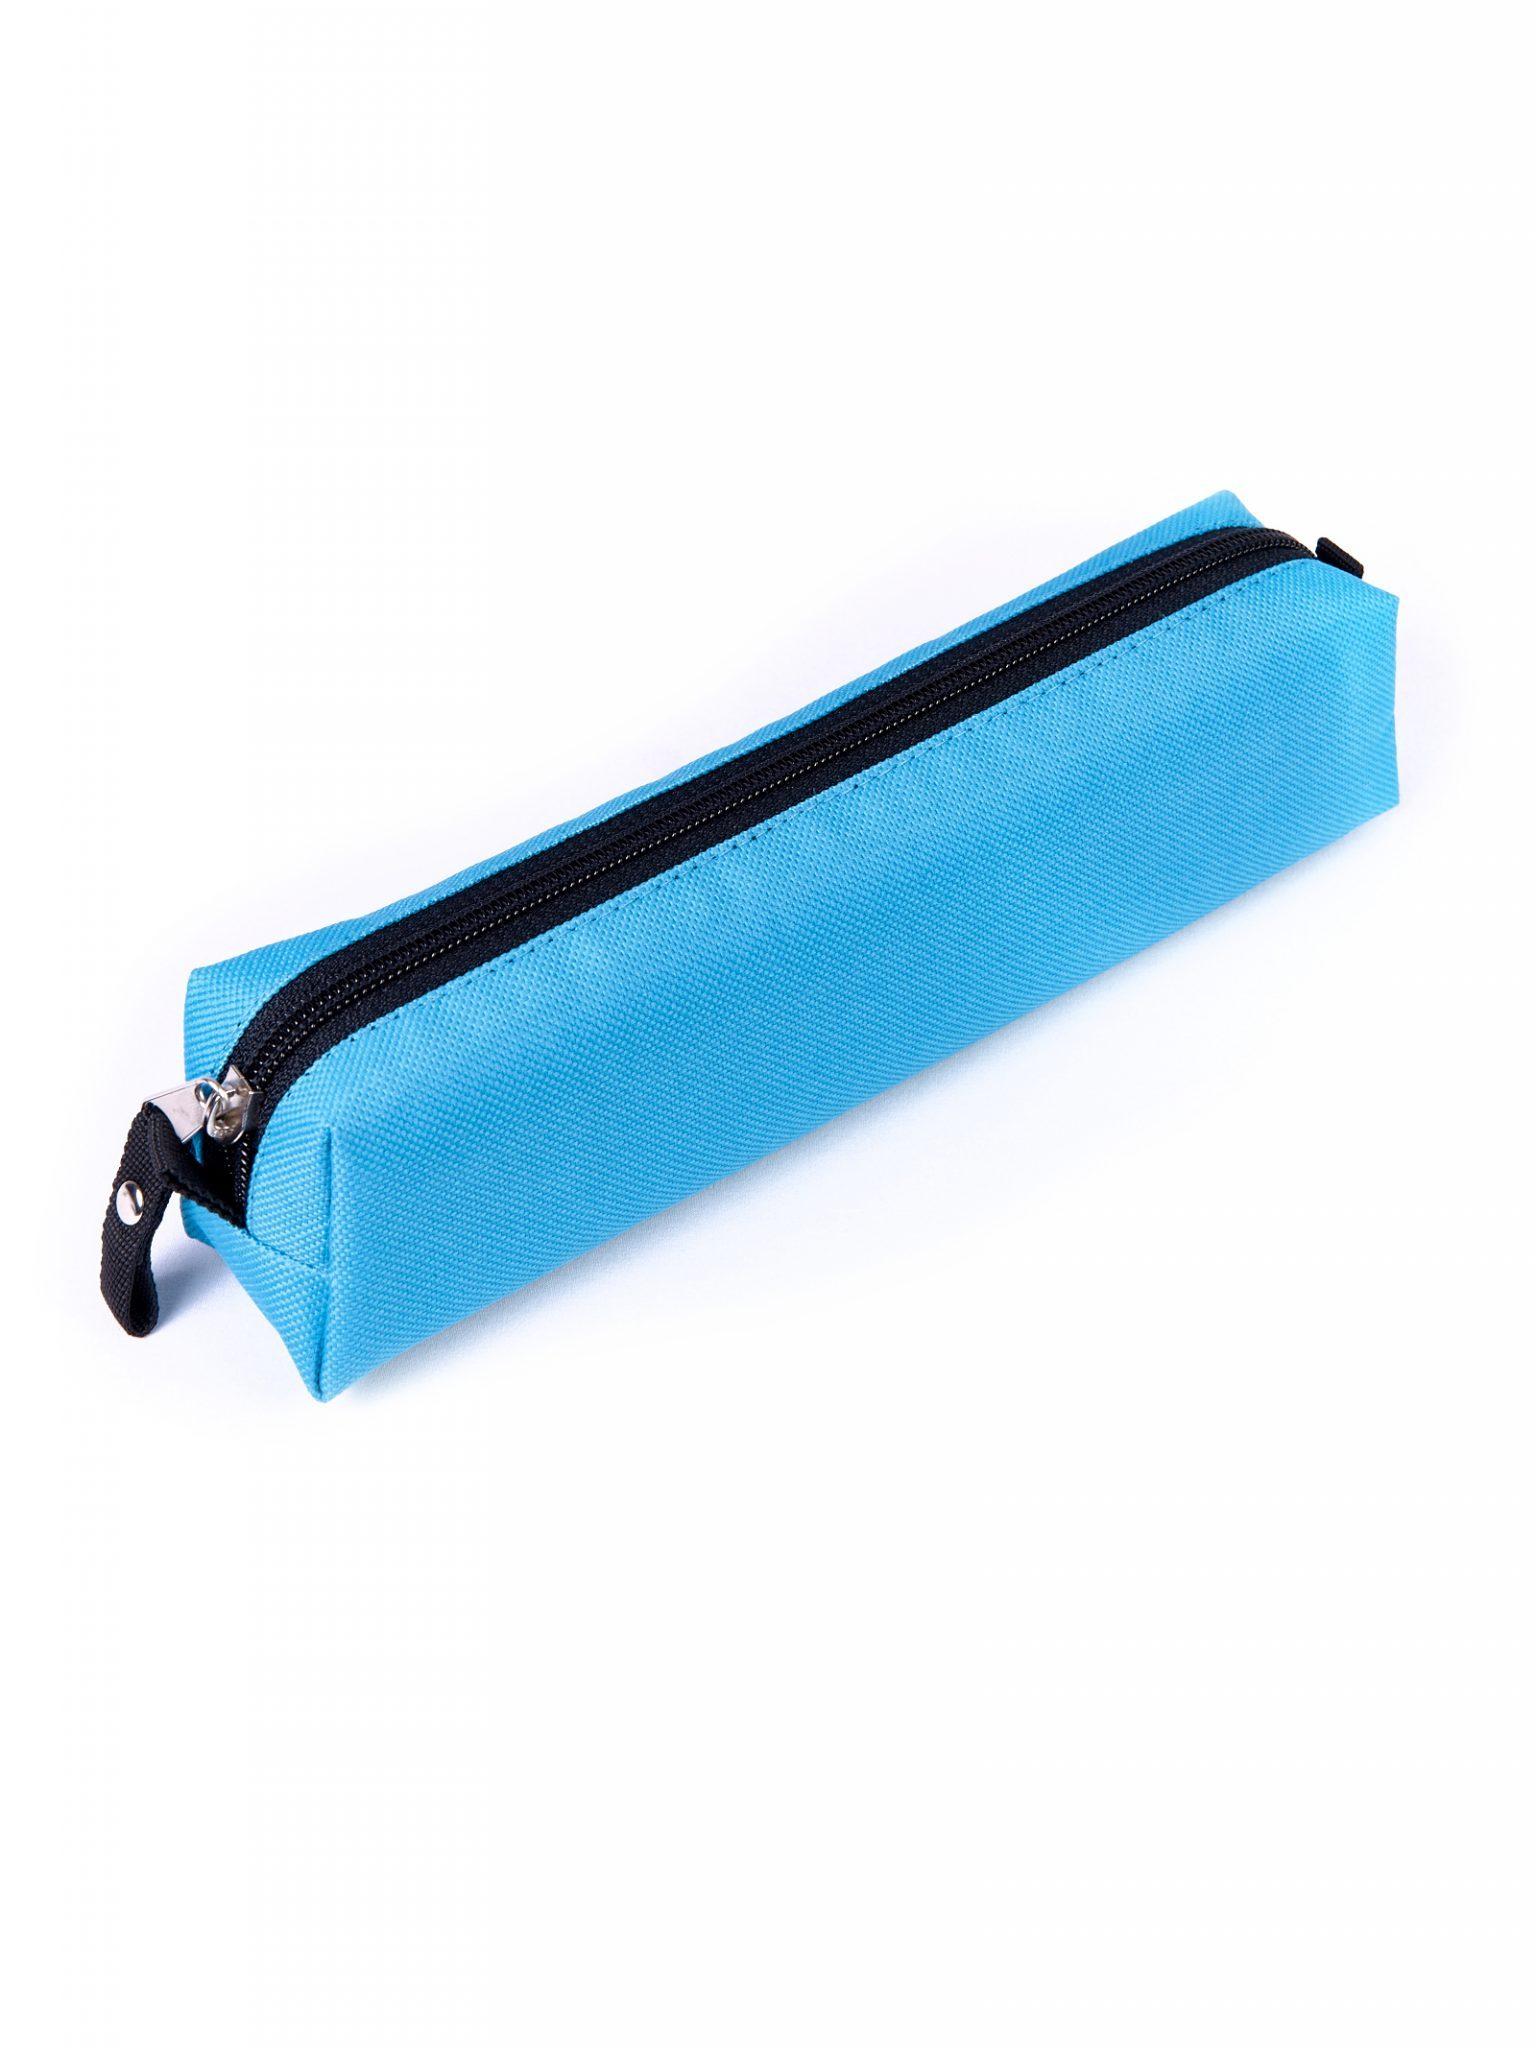 Пенал модель: Rondo цвет: Голубой